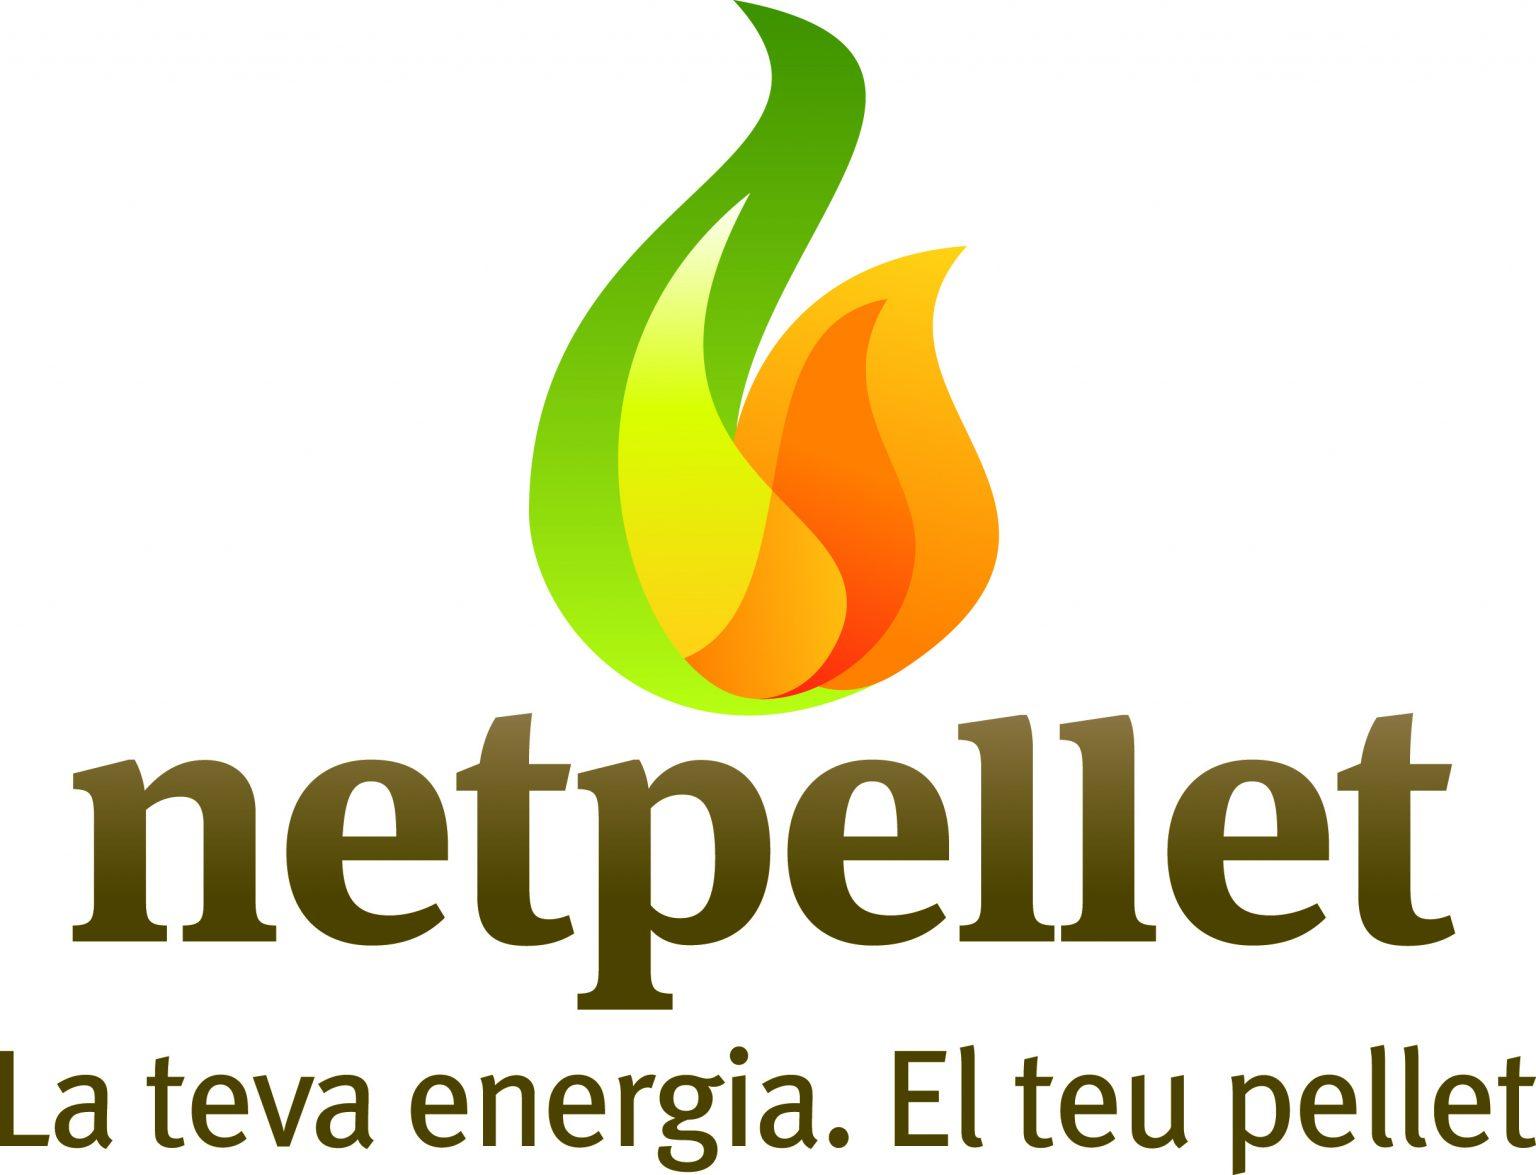 NETPELLET